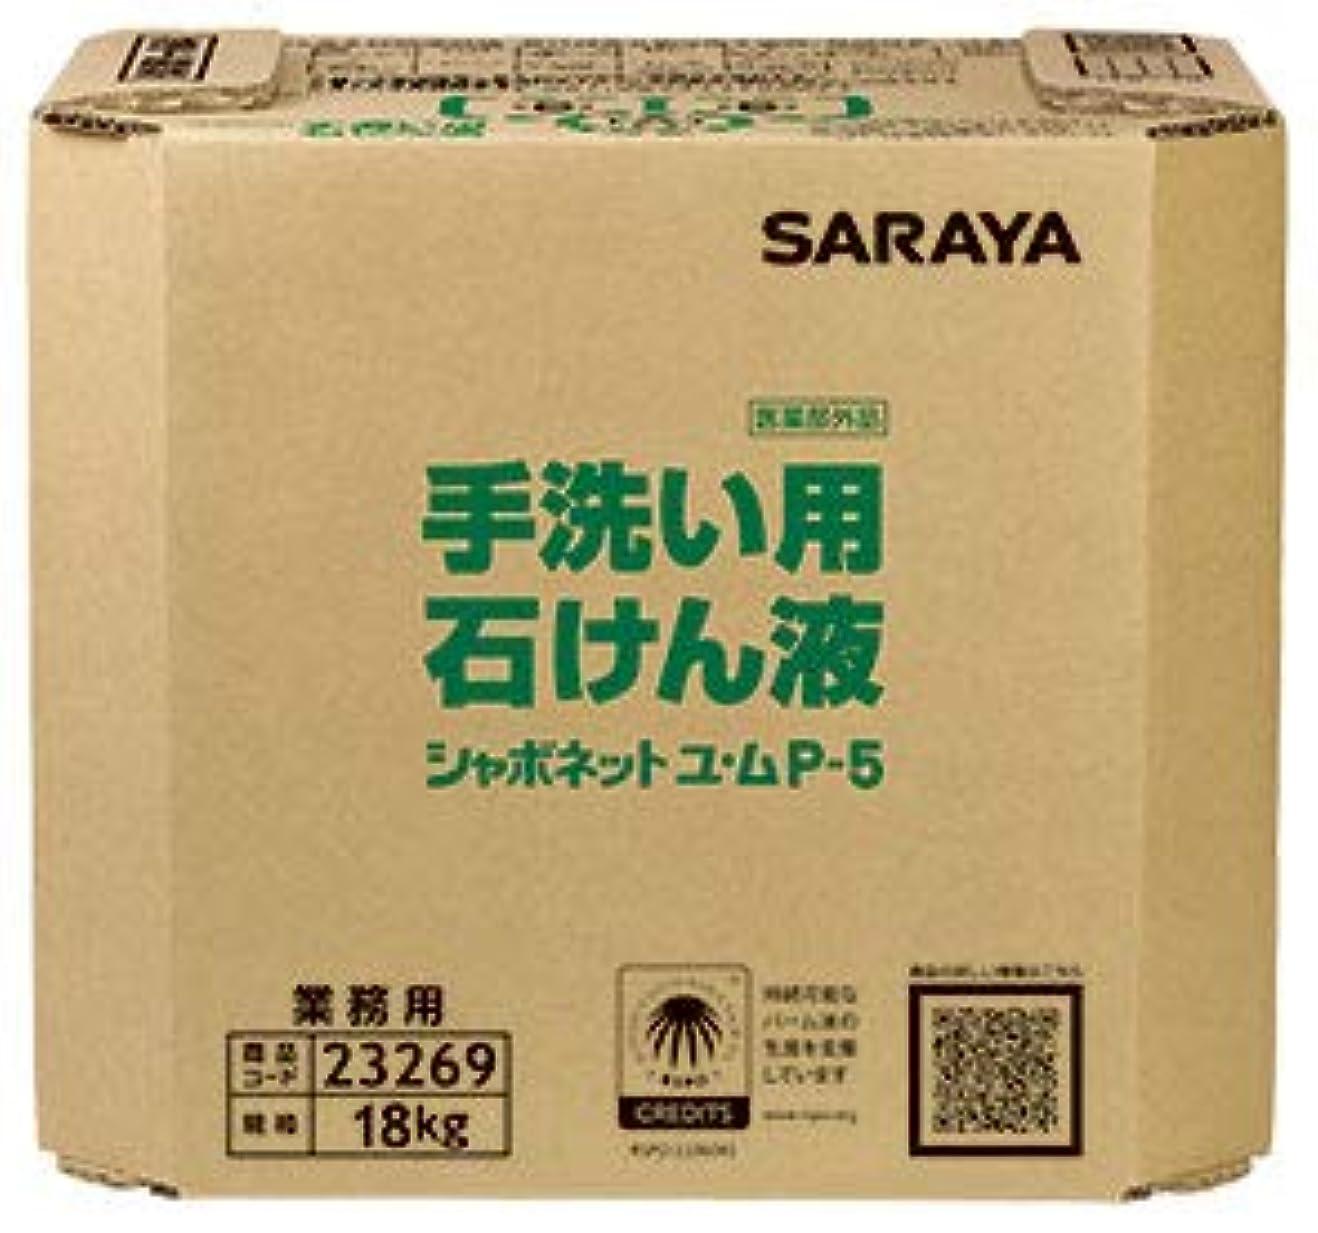 上がる動脈指導するサラヤ 手洗い用石けん液 シャボネットユ?ム P-5 八角BIB 18kg